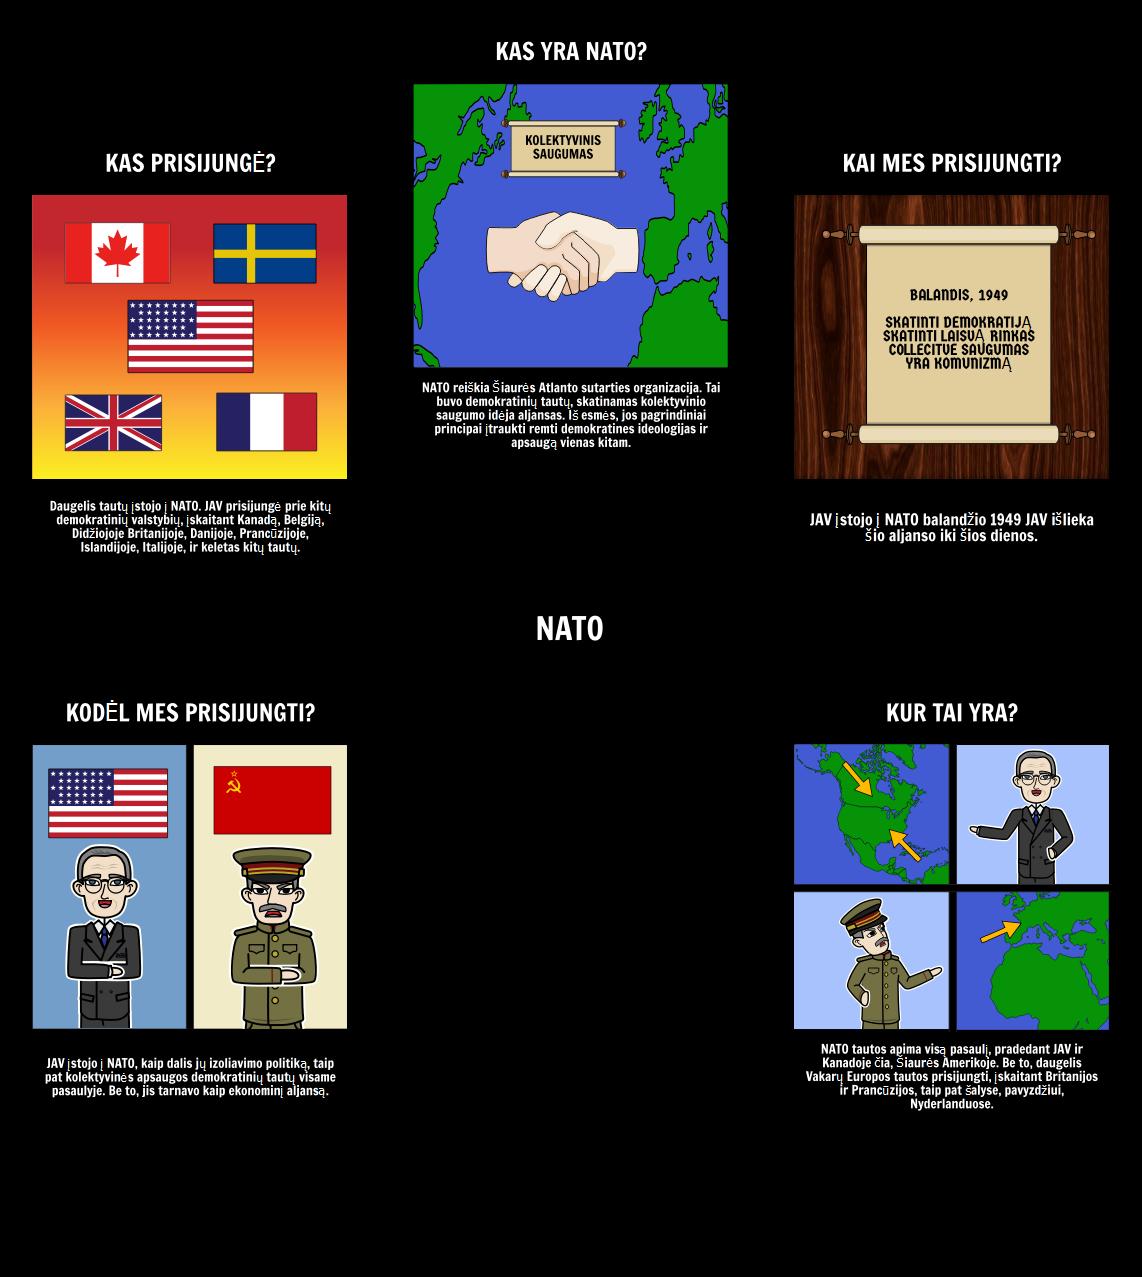 Pirmininkaujanti Trumanas - 5 ws NATO